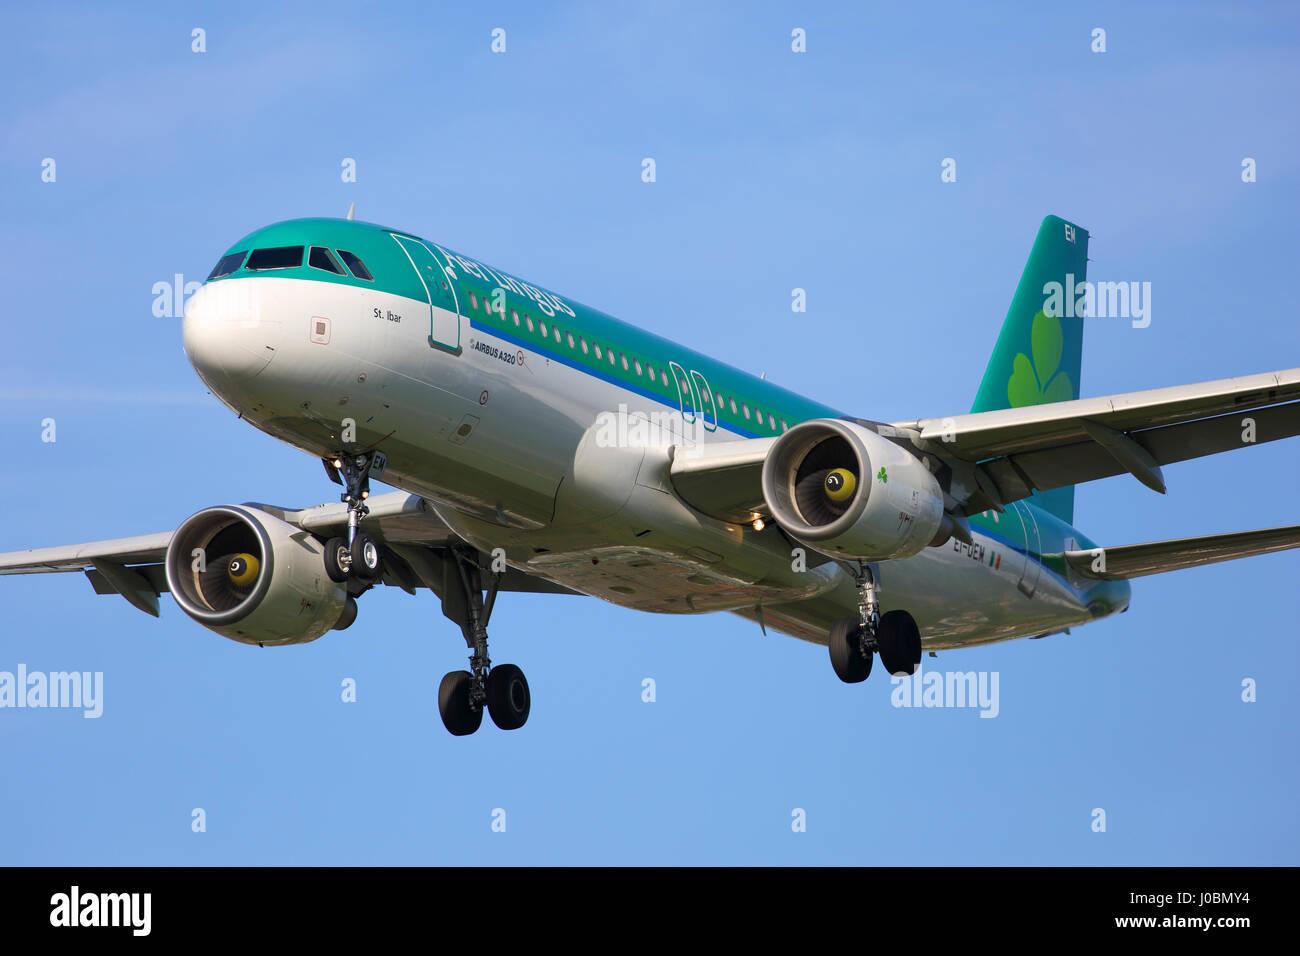 EI-DEM Aer Lingus Airbus A320-200 cn 2411 sulla rotta di avvicinamento all'aeroporto di Londra Heathrow Immagini Stock